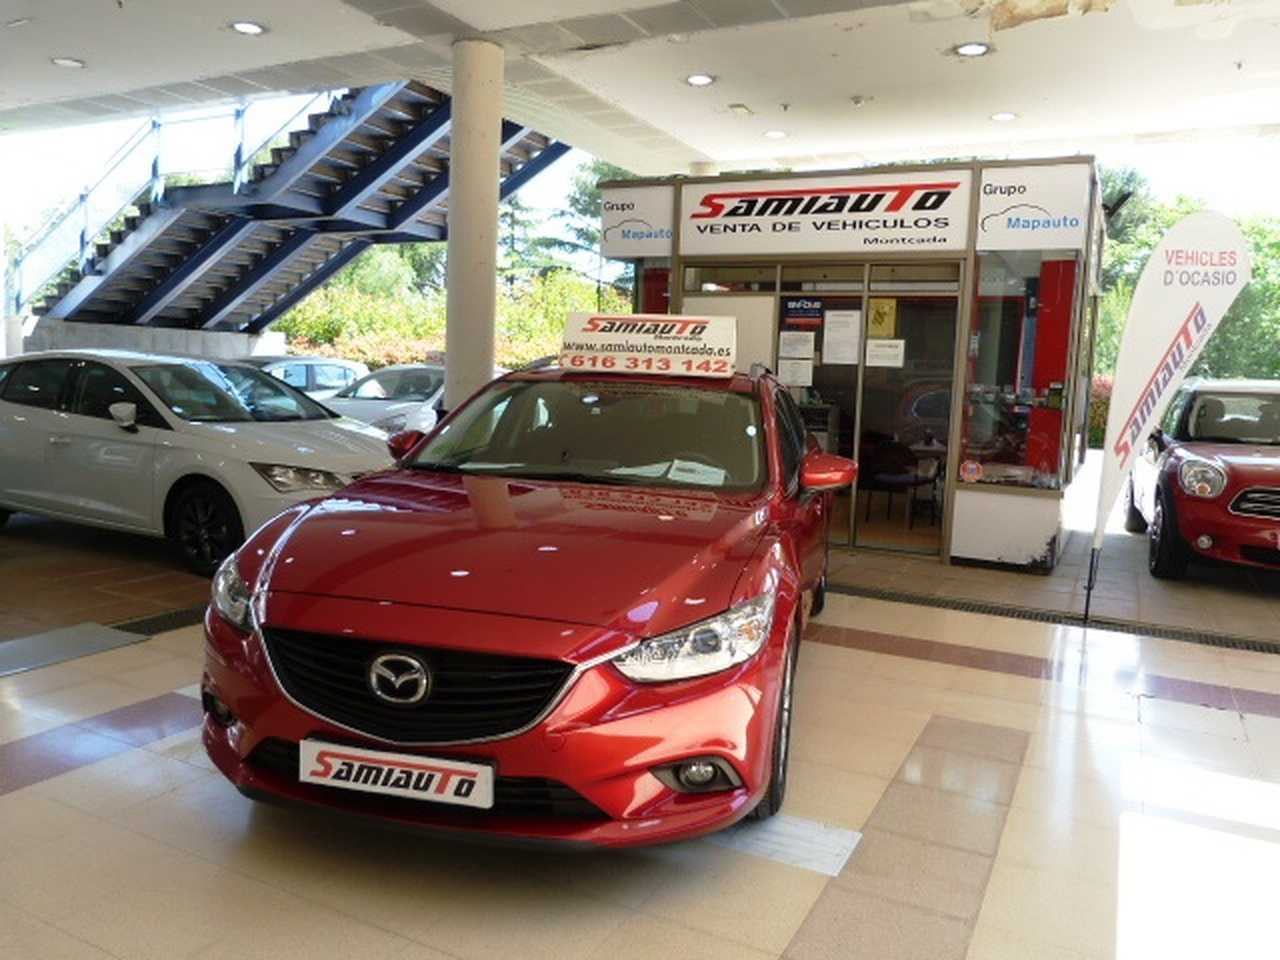 Mazda 6 Wagon 6 2.2 DE 150cv AT Style WGN 5p UN SOLO PROPIETARIO LIBRO DE REVISIONES  - Foto 1